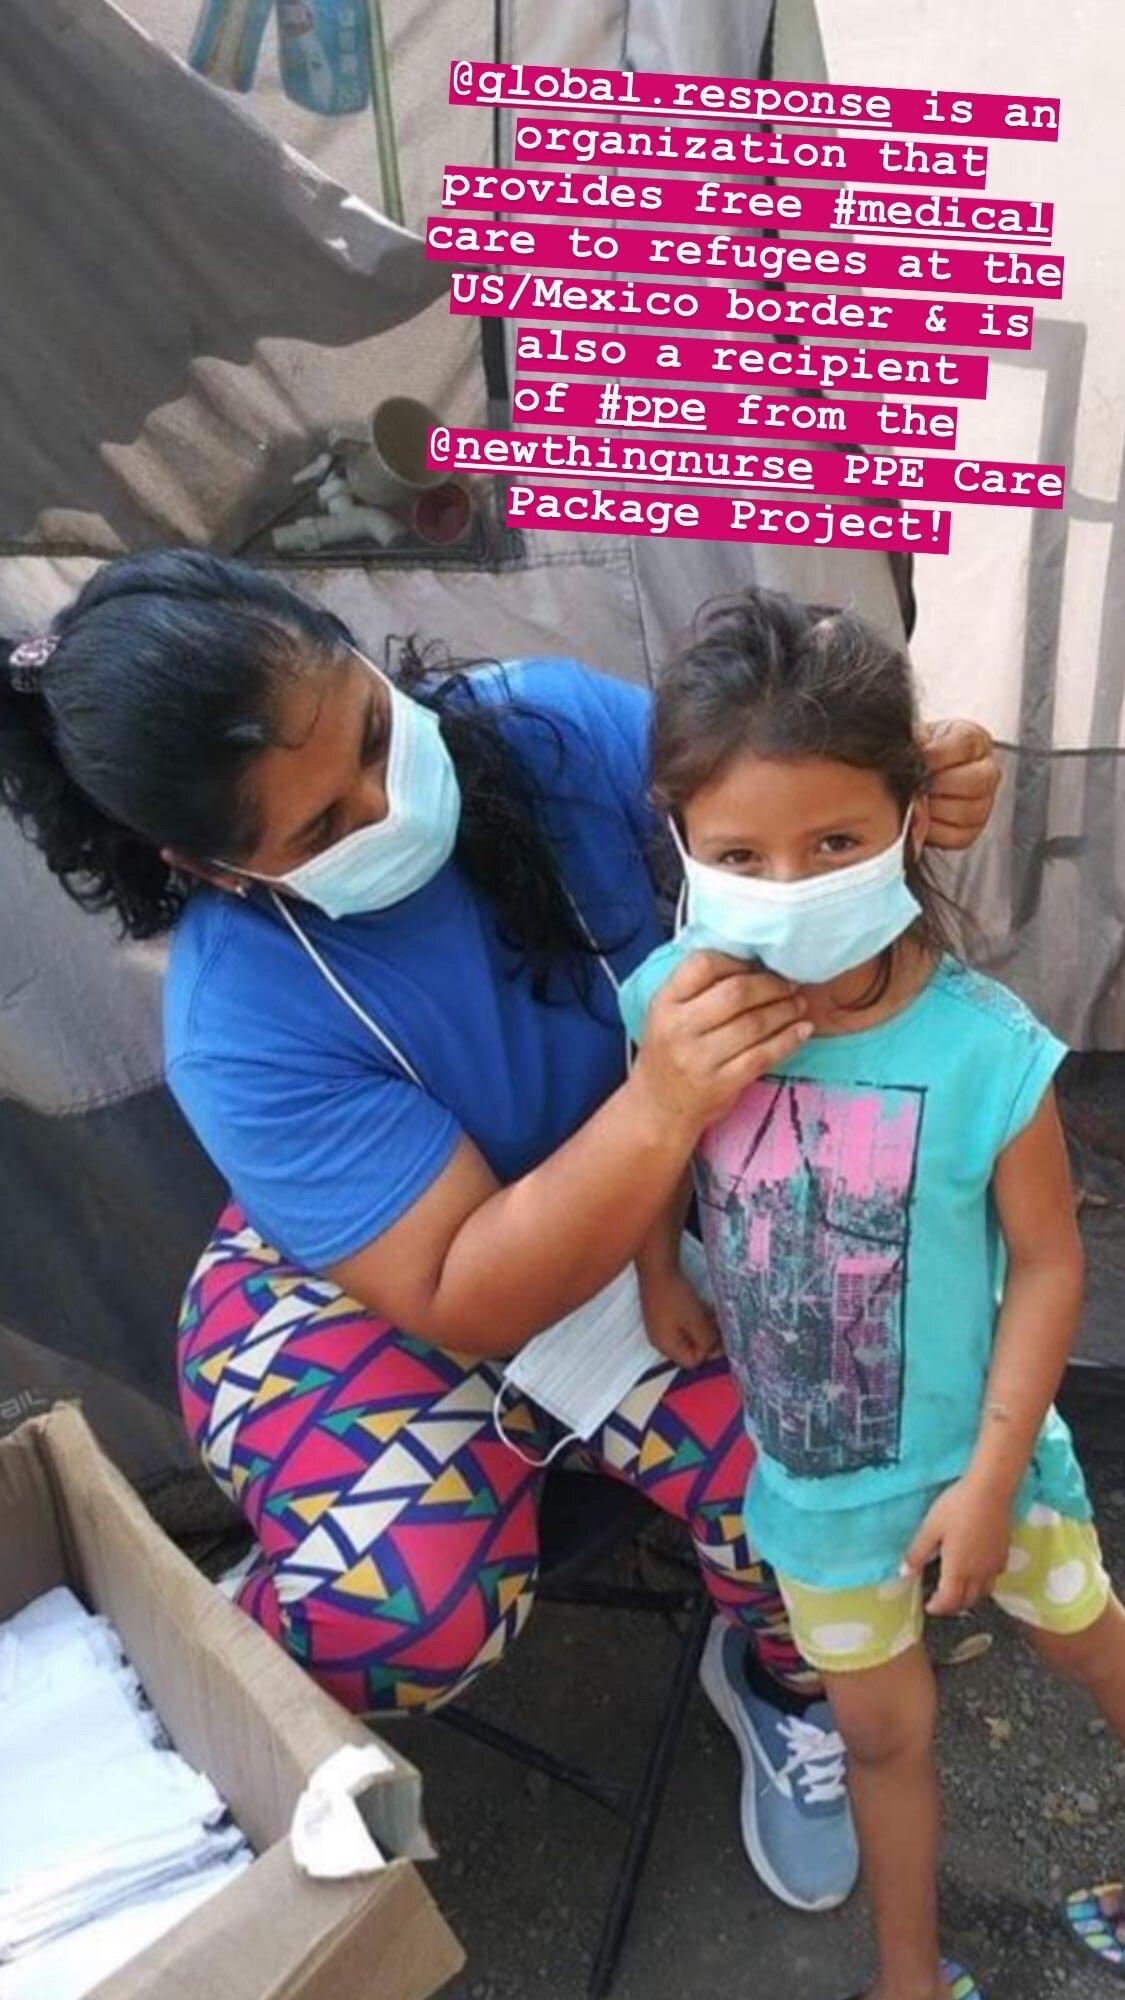 2020年7月-全球反应管理在德克萨斯州的Matamoros开设了一个志愿者诊所,为德克萨斯州-墨西哥边境的近3000名寻求庇护者提供唯一的医疗通道,并且是NTN PPE护理包项目的PPE接受者。点击上面的图片阅读更多关于他们不可思议的工作。